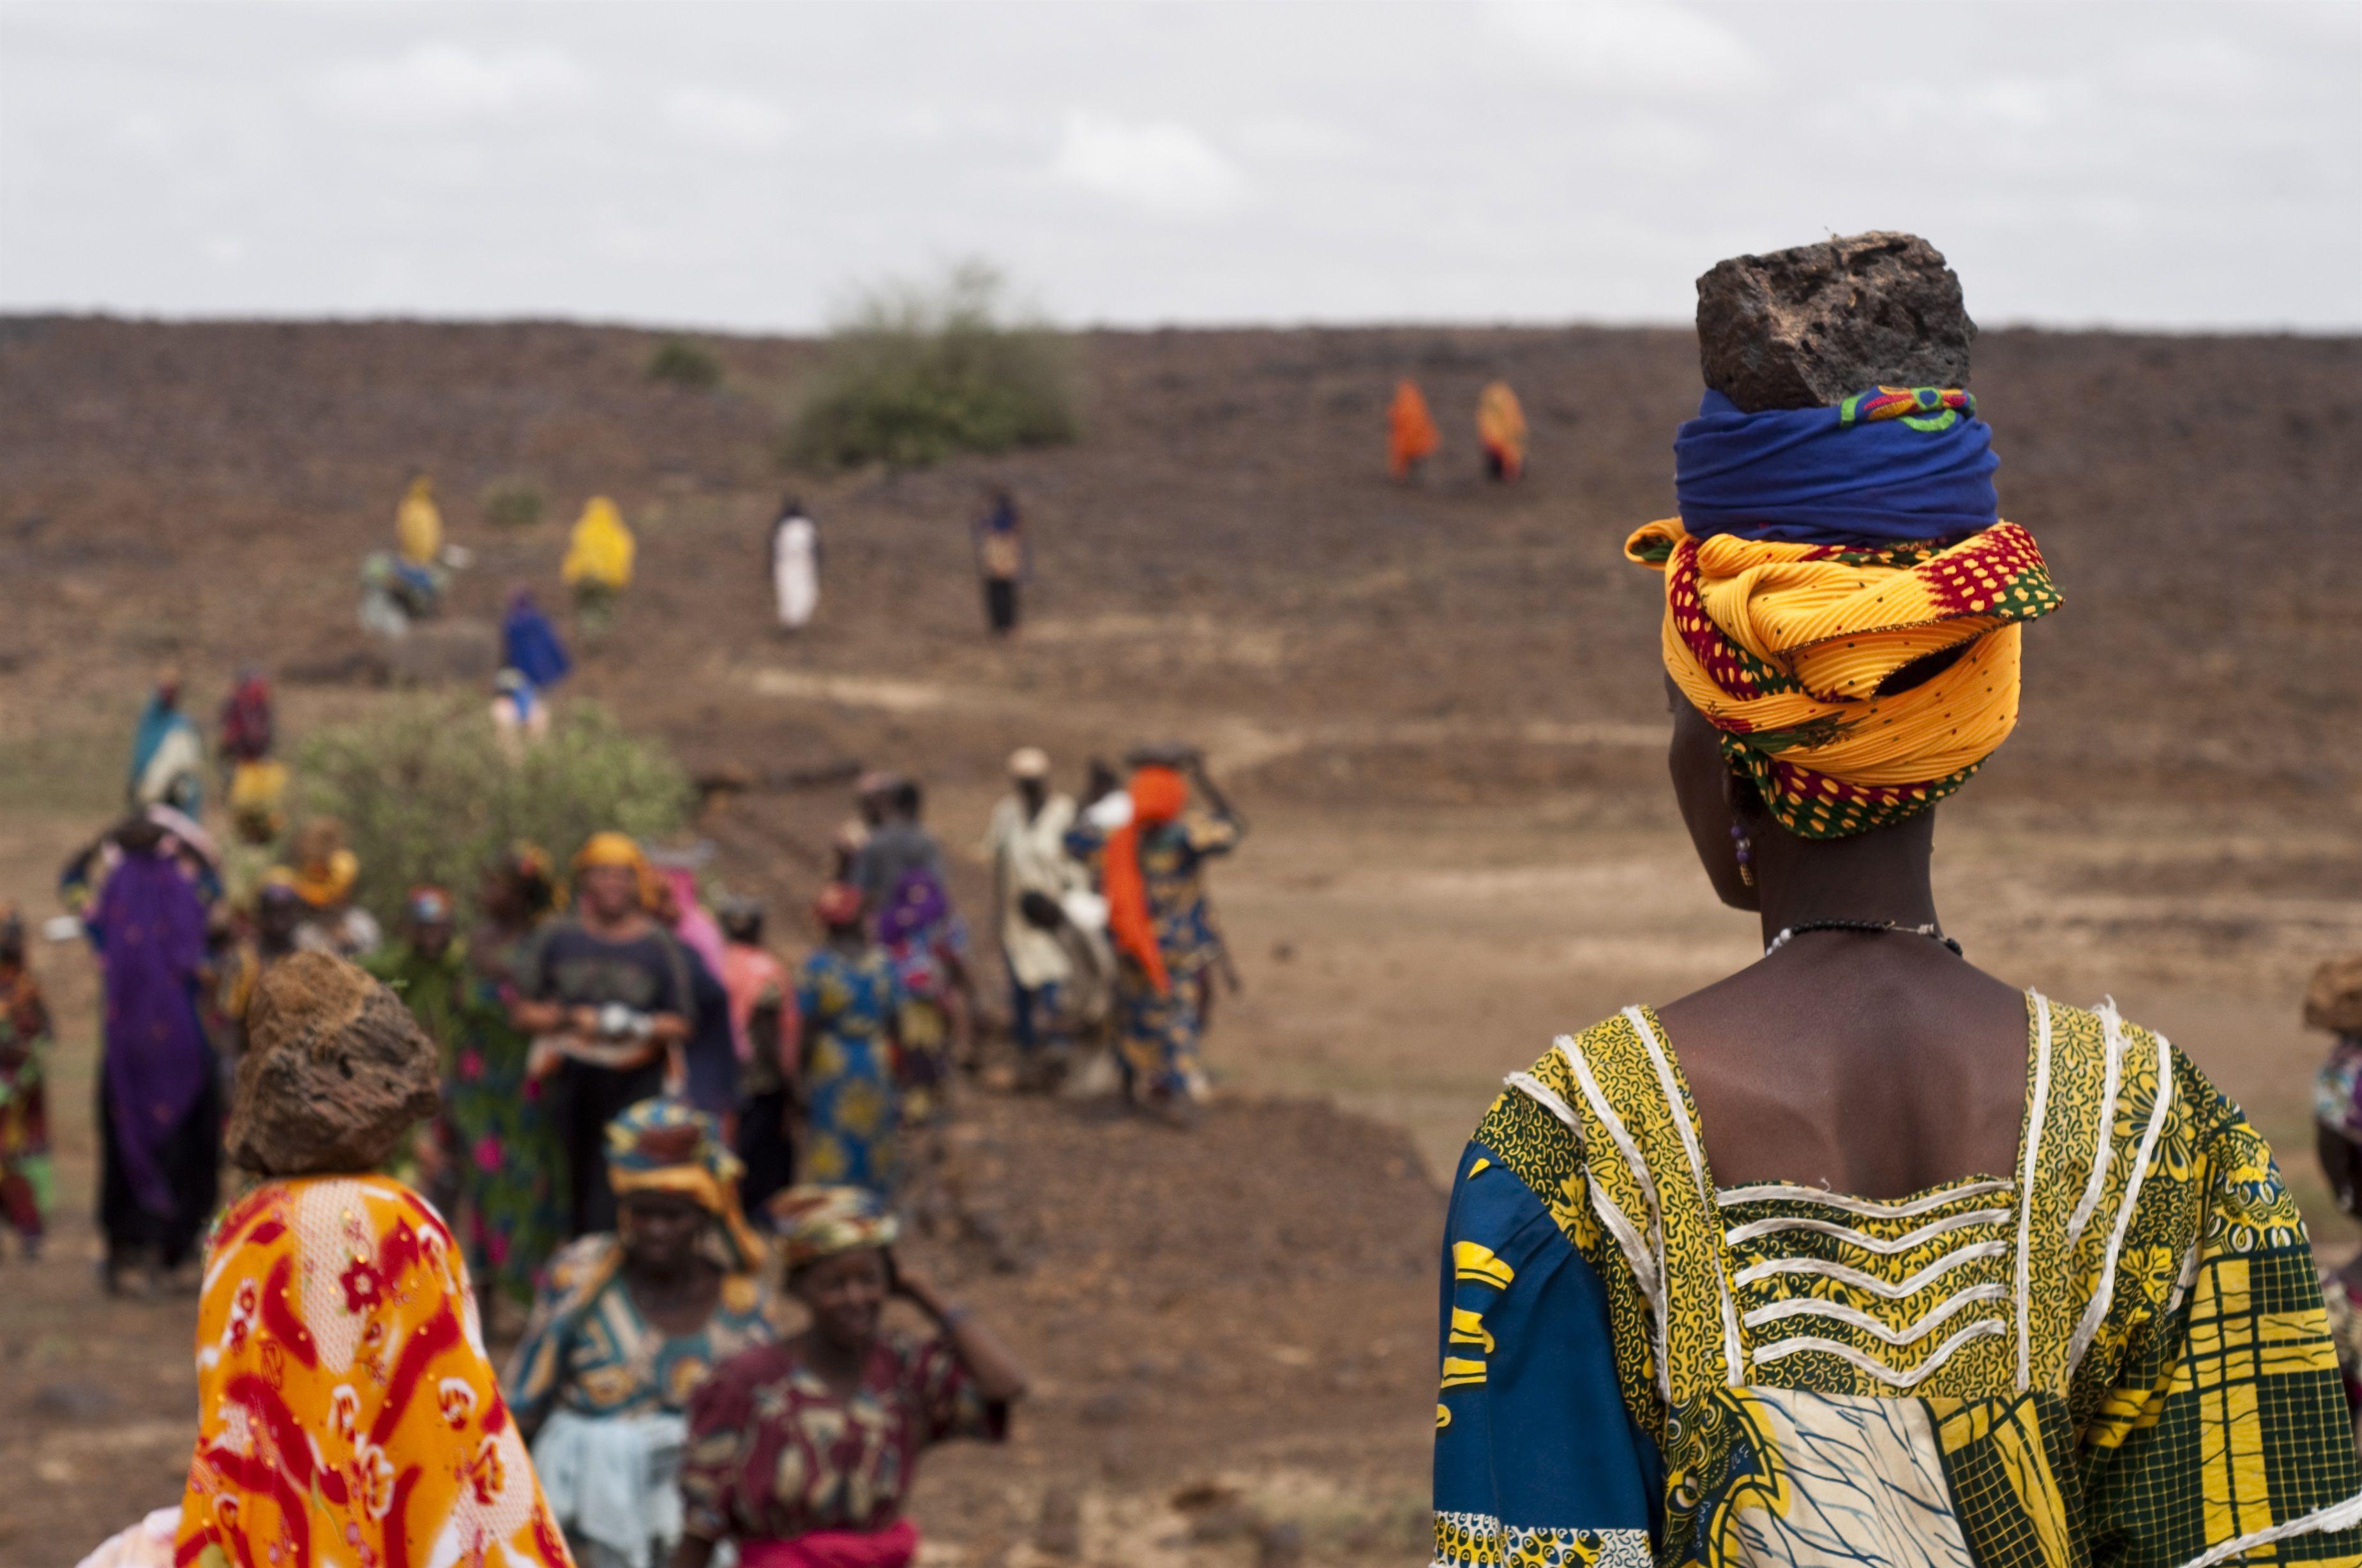 07-06-2021 Región de Tahoua, en Níger POLITICA AFRICA INTERNACIONAL NÍGER ACH/GONZALO HOHR